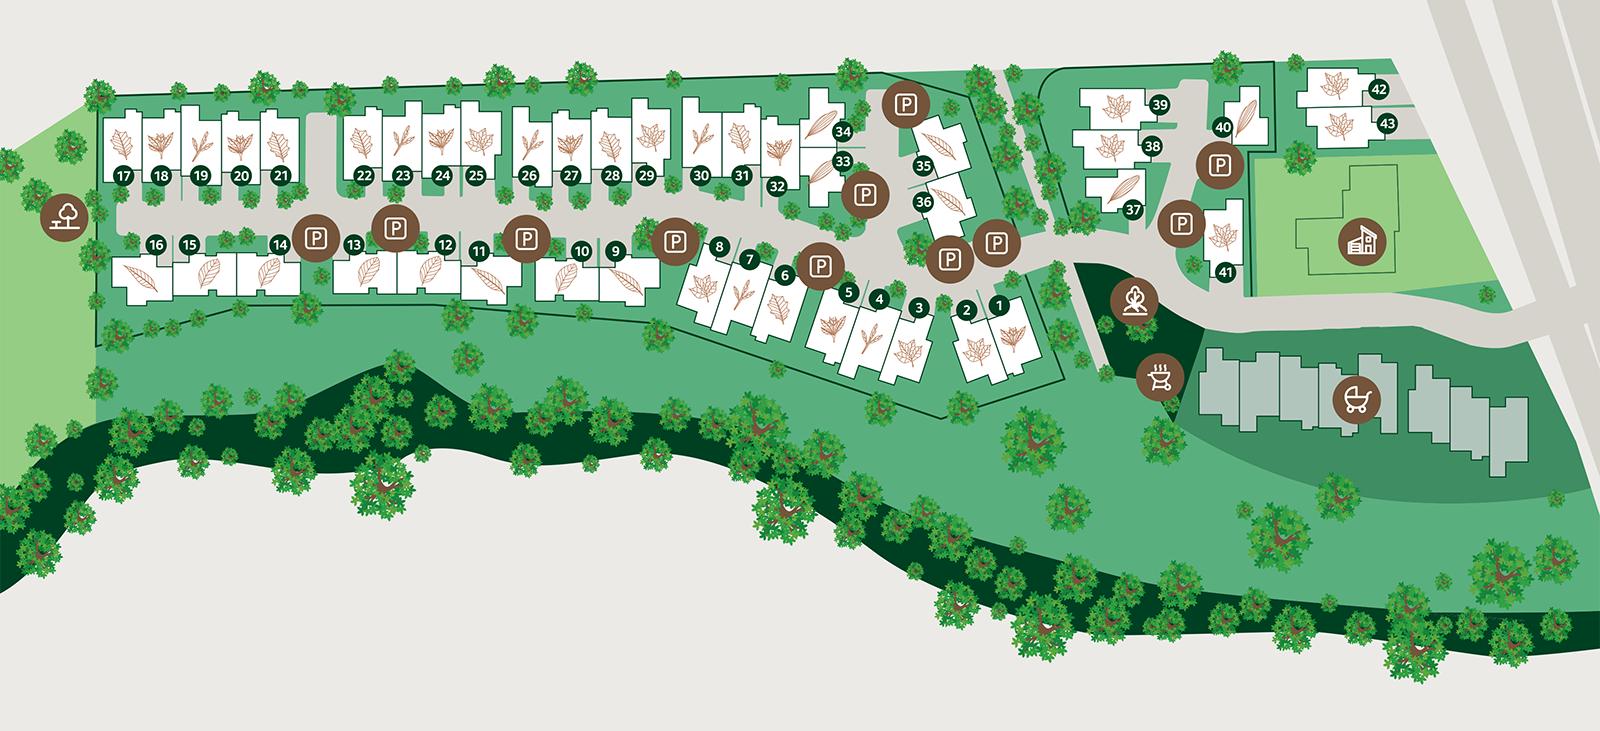 Tallowwood Site Overview Map